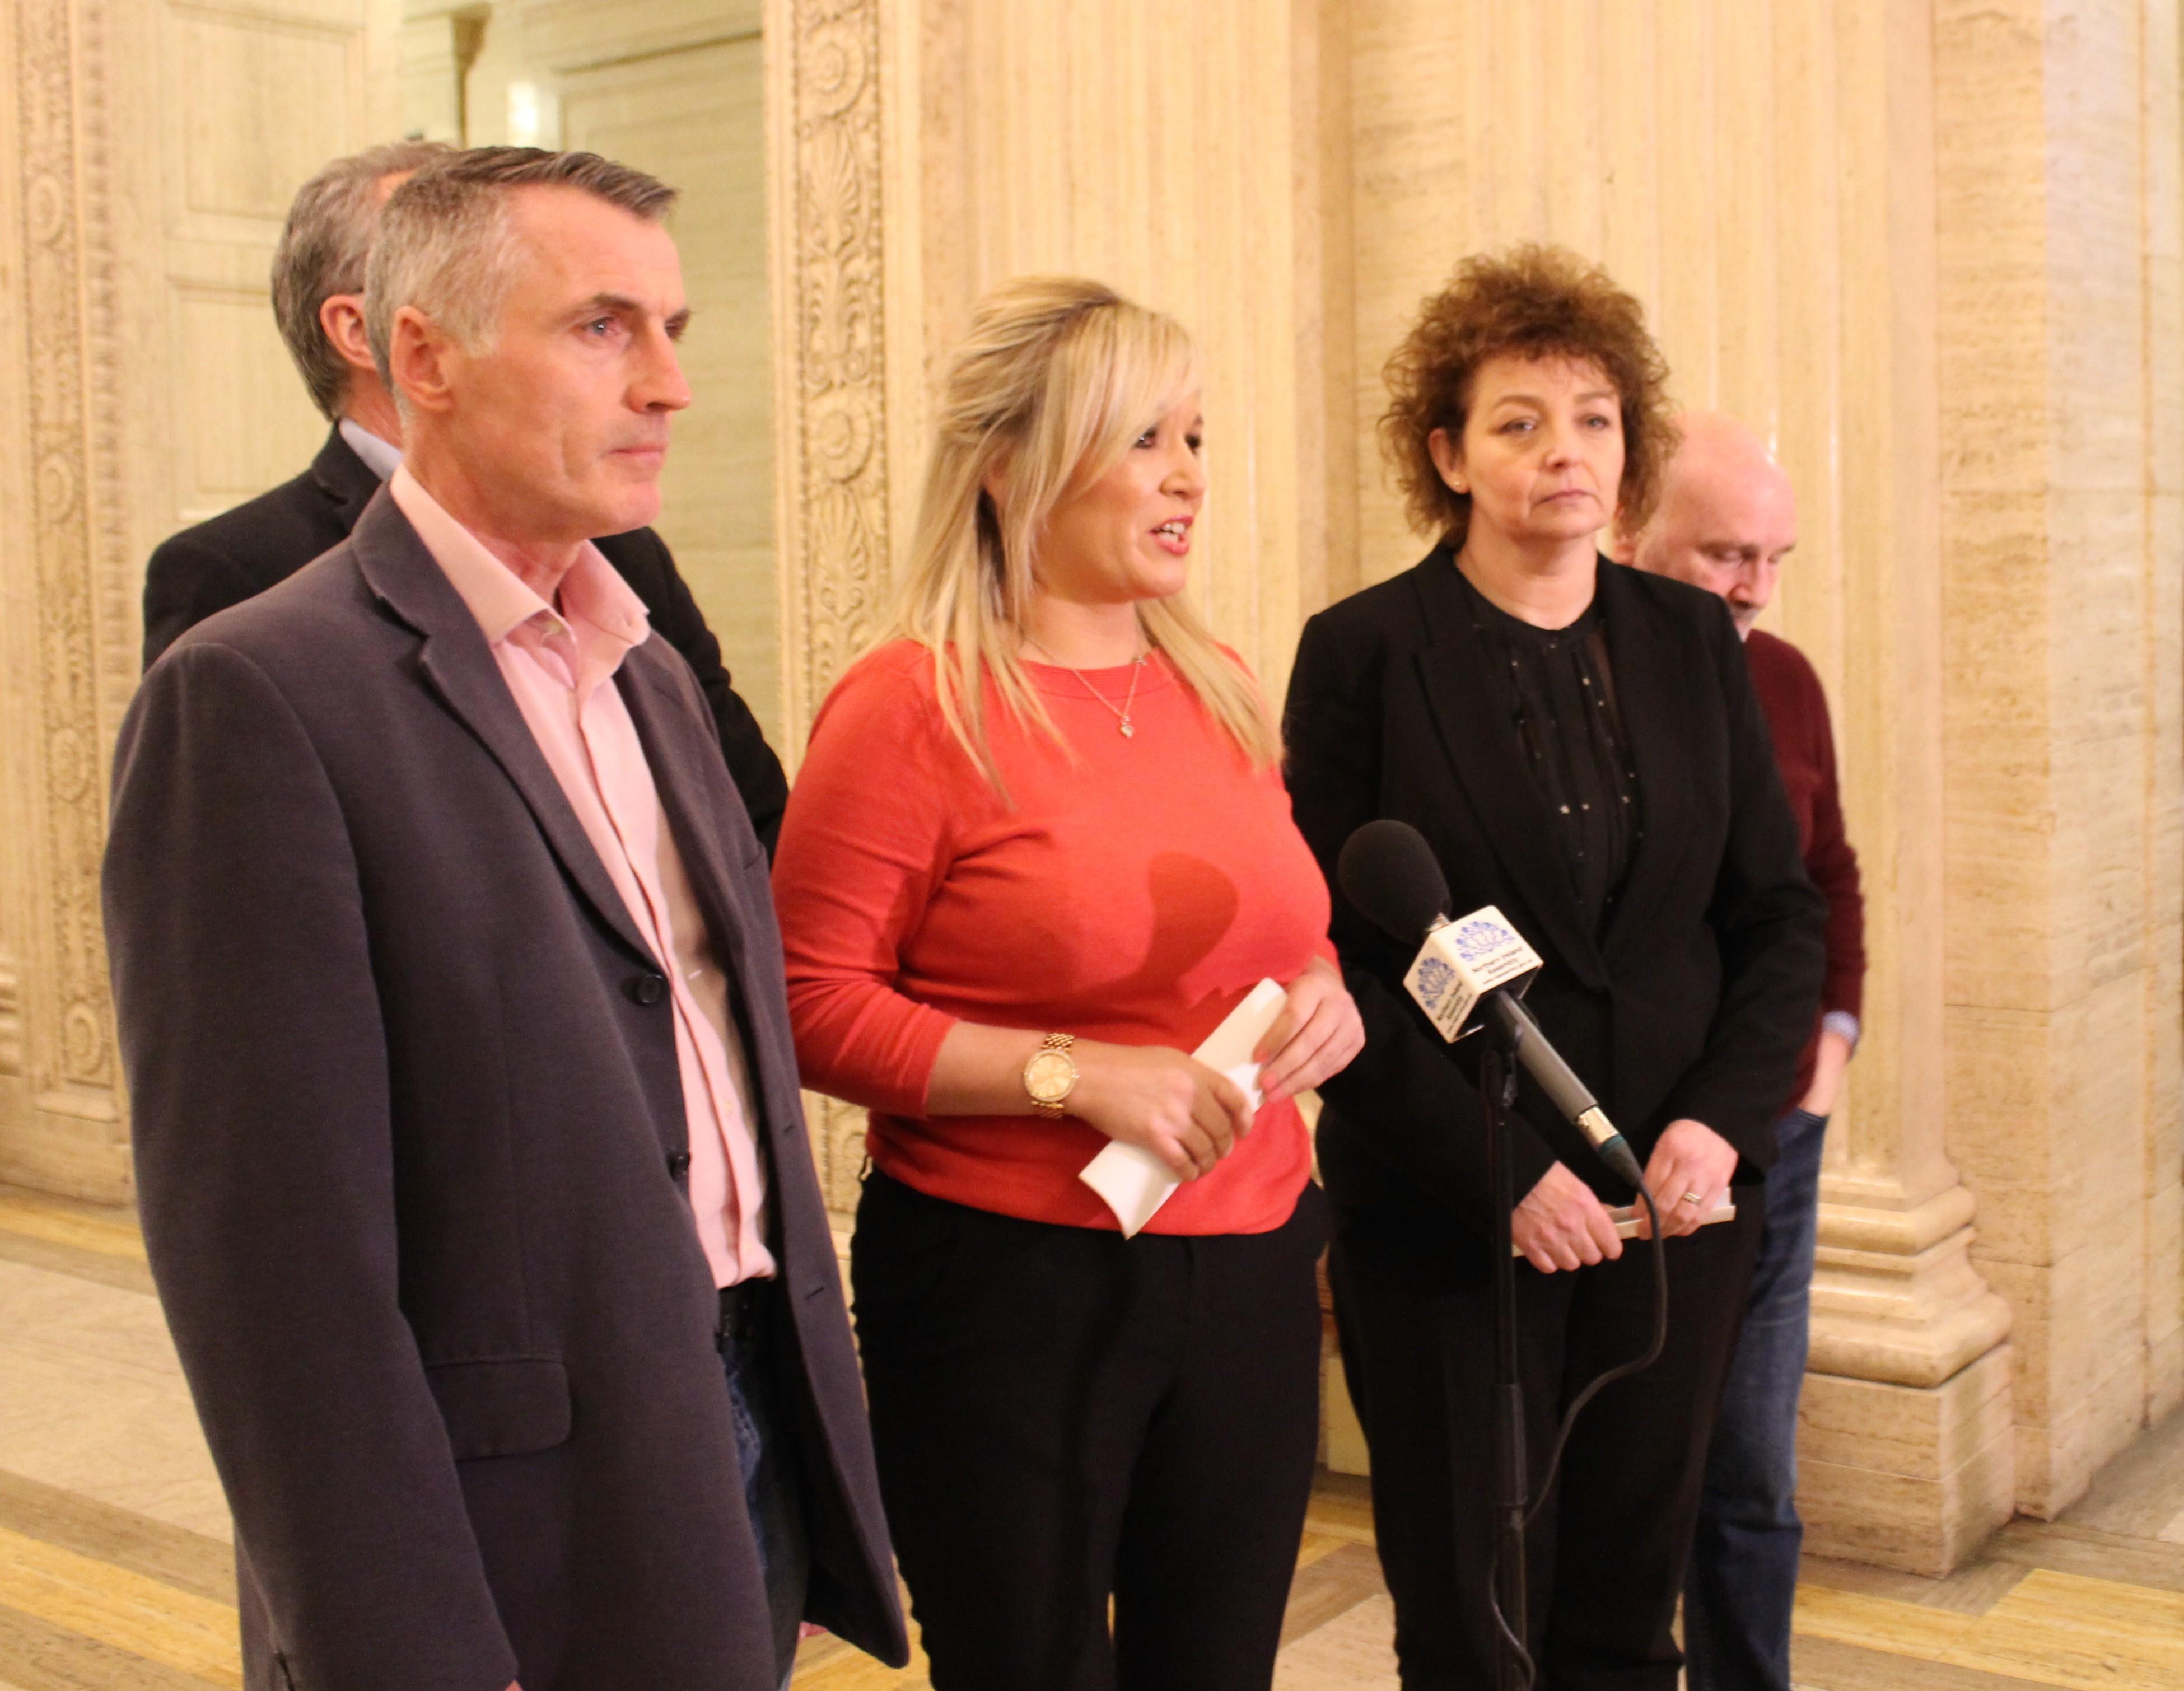 Declan Kearney, Michelle O'Neill and Carál Ní Chuilín